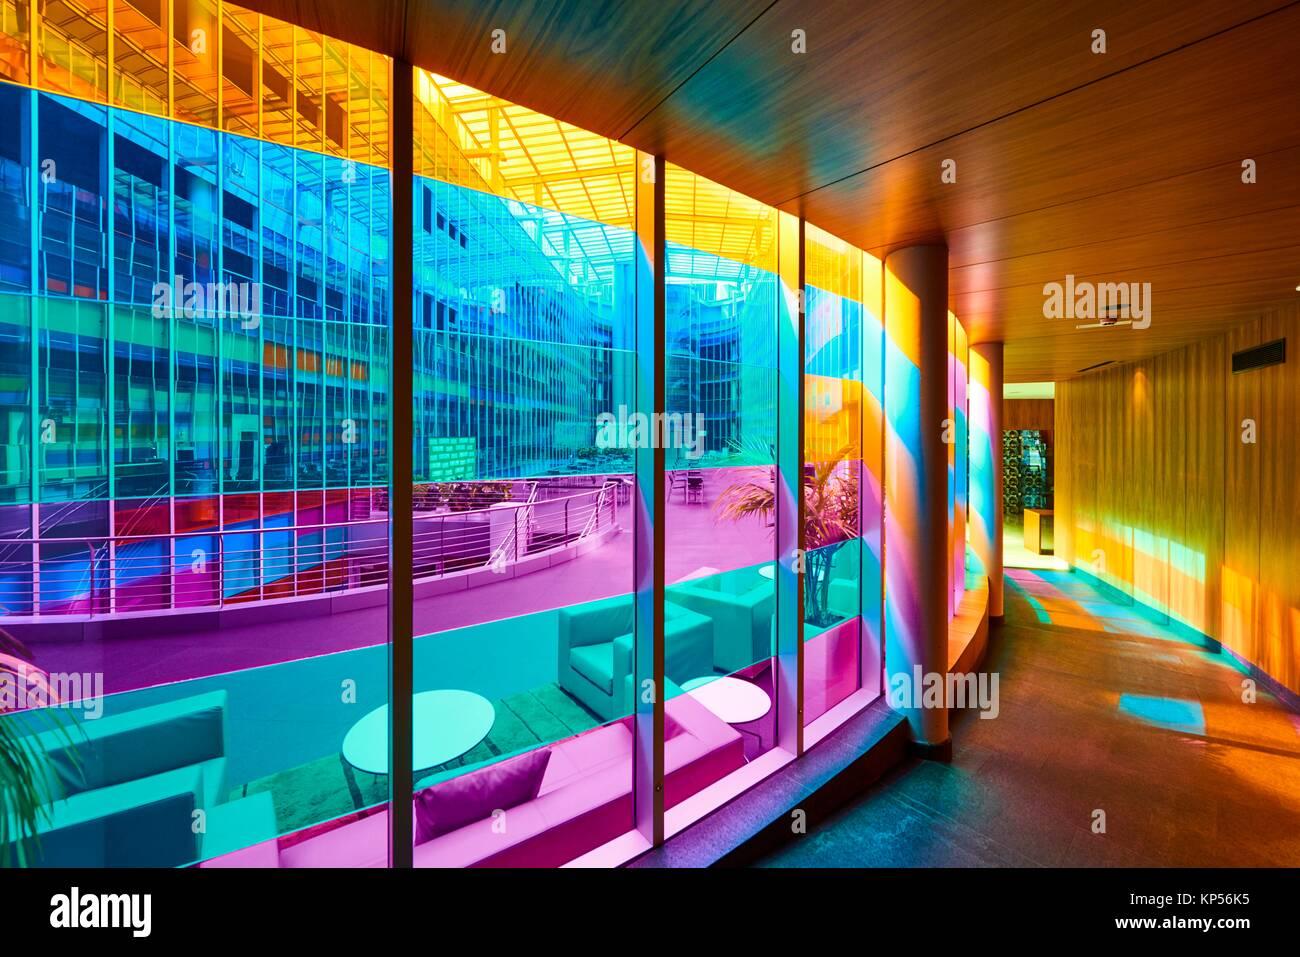 Hotel corridor design stock photos hotel corridor design for Hotel jardines de uleta vitoria